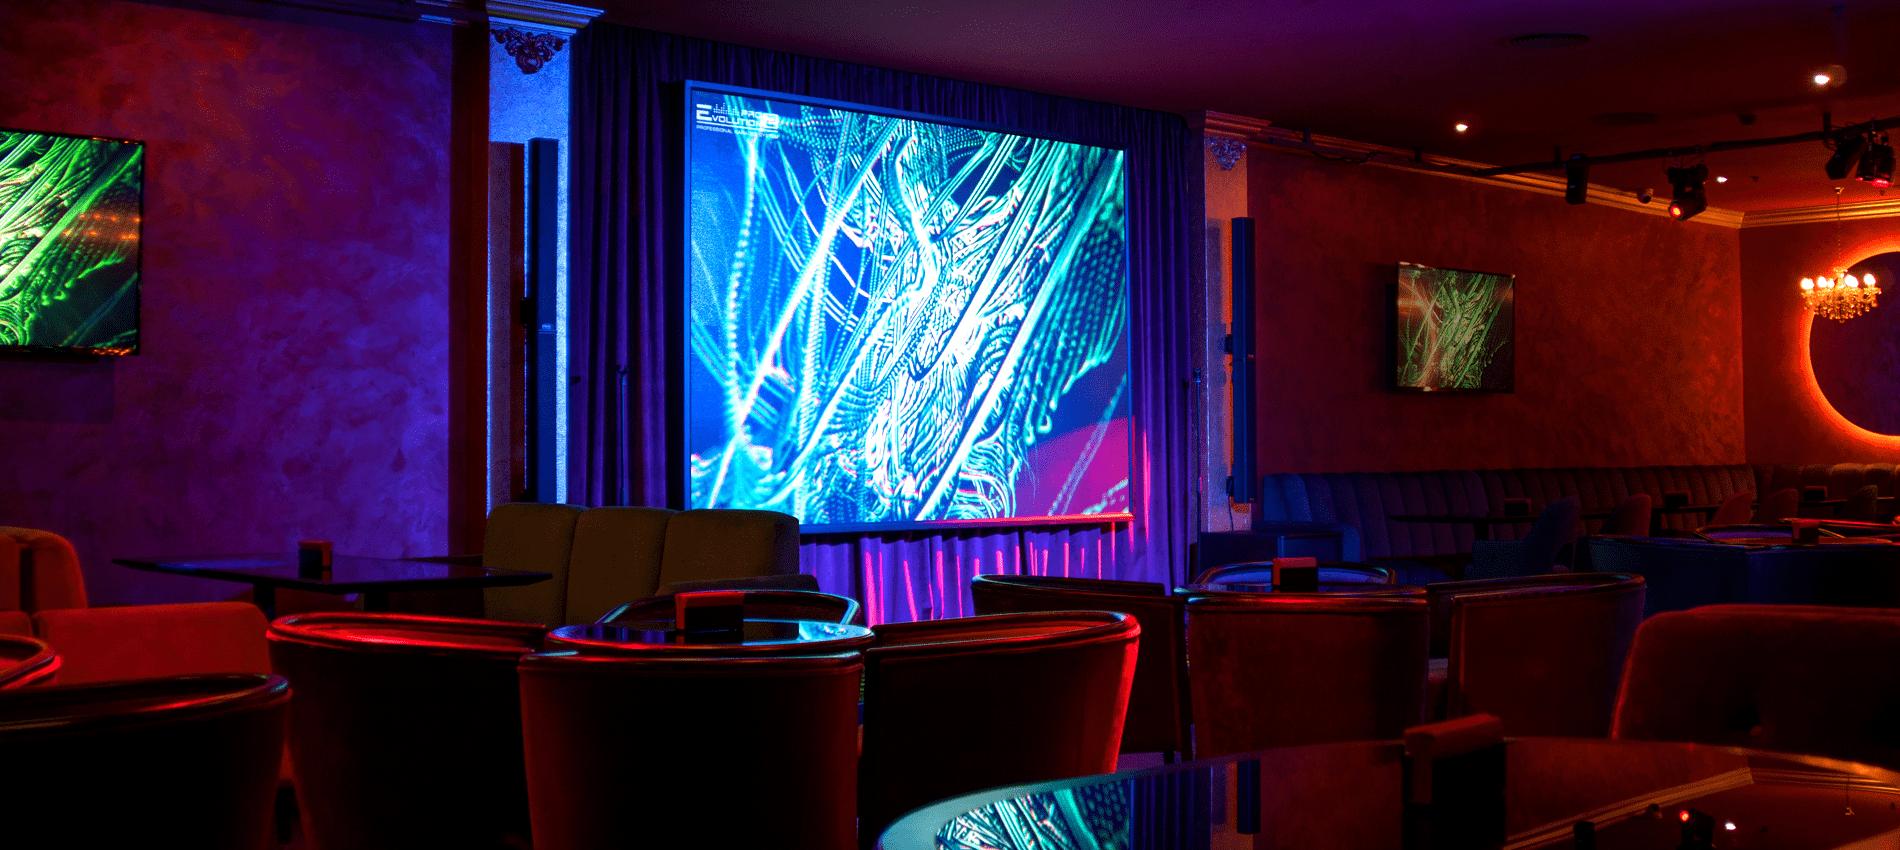 Wspaniały Ekrany LED   Telebimy diodowe   Tablice reklamowe 🔆 Flylights RH64